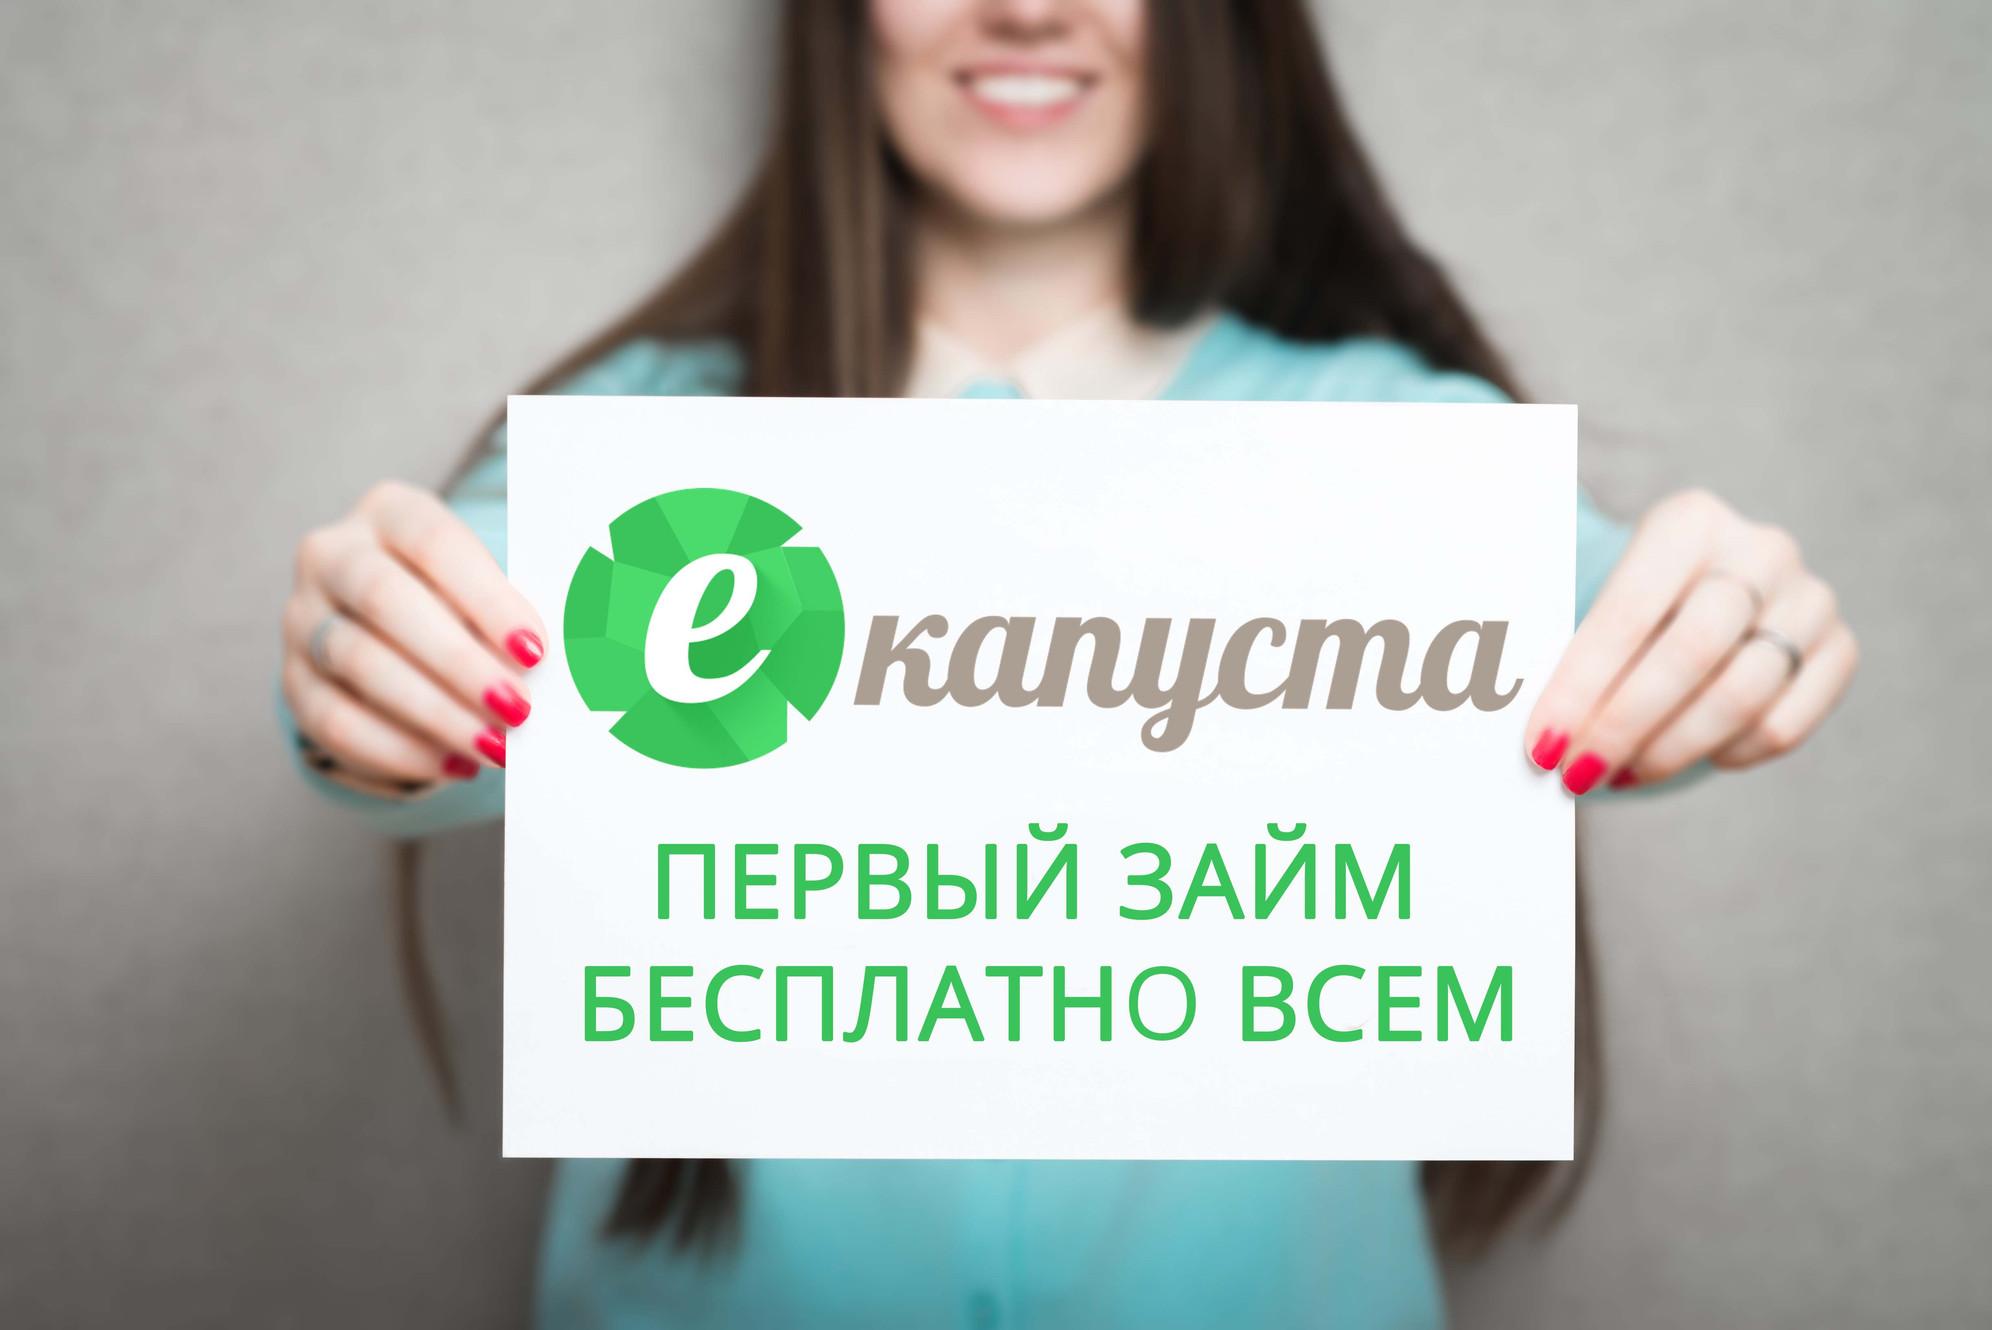 телефон екапуста займ бесплатный